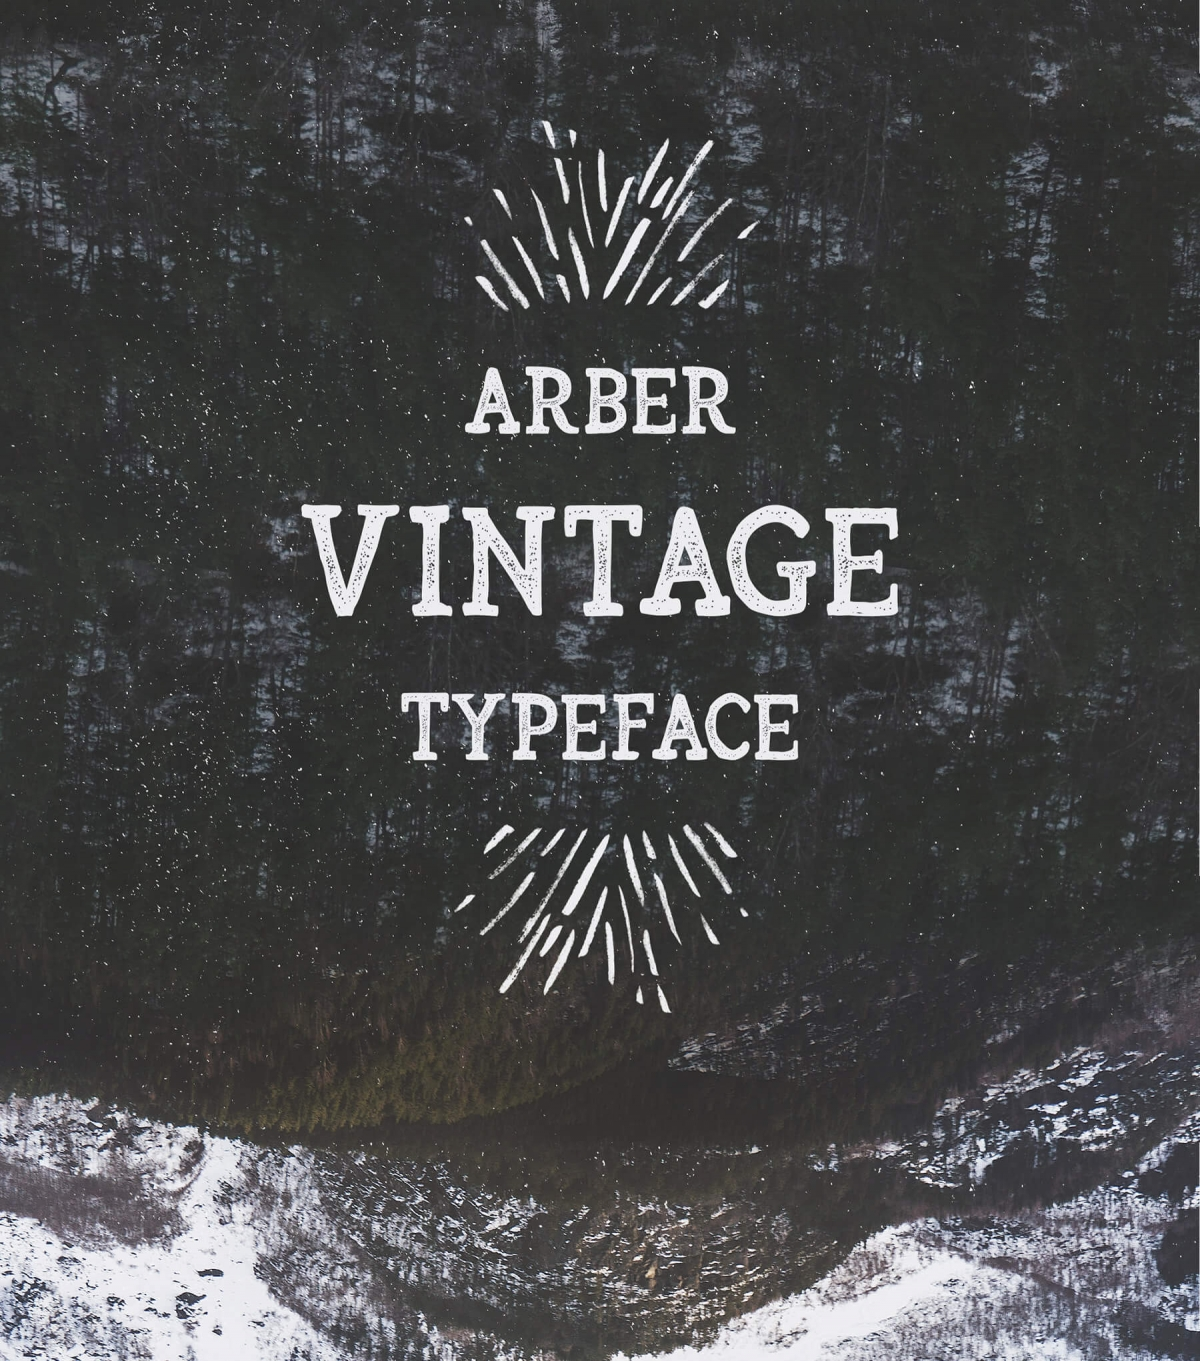 Arber - Best Vintage hipster font typeface